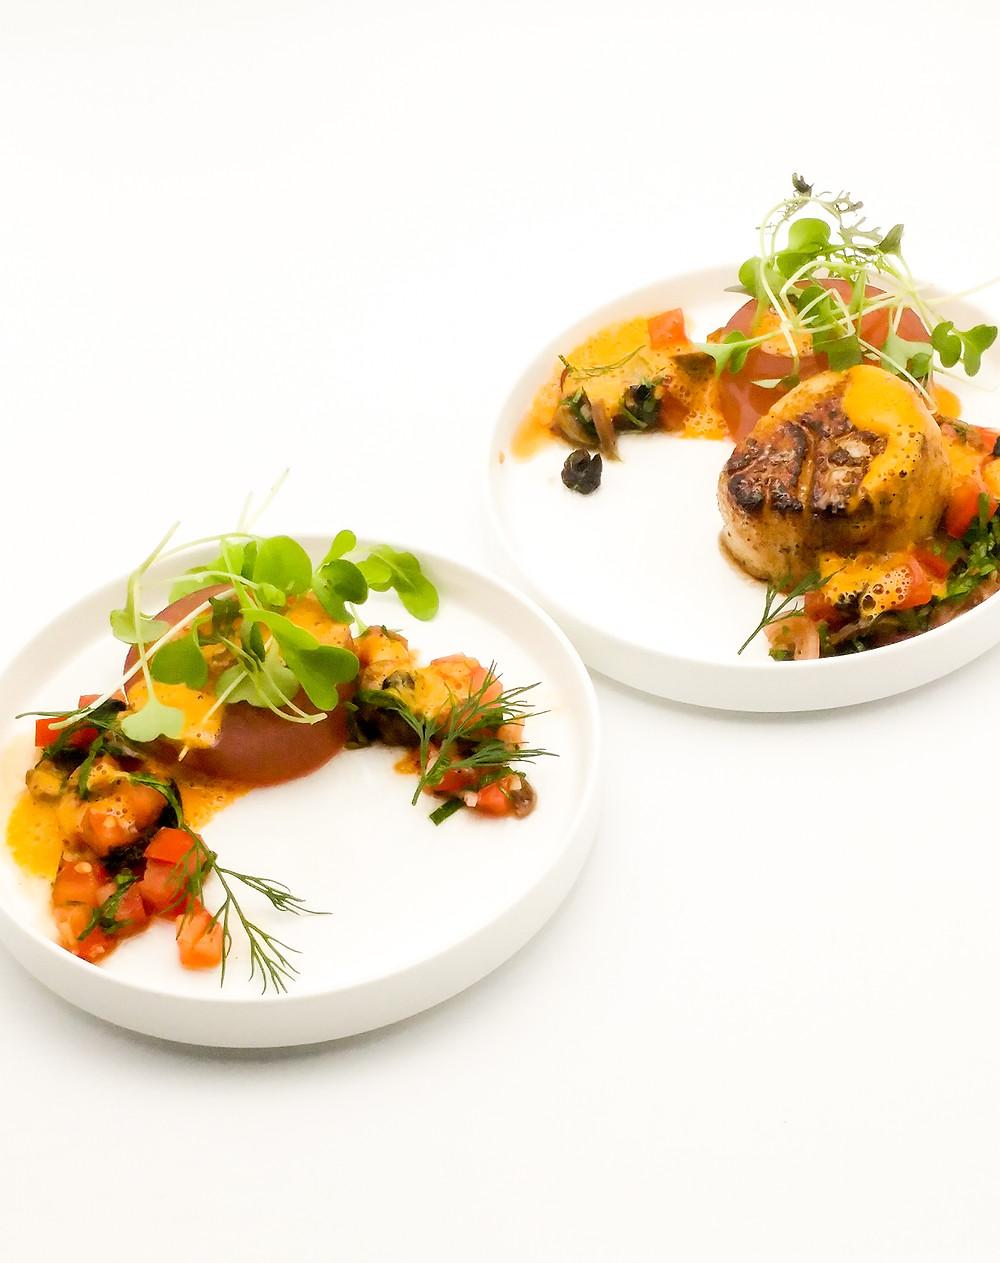 Chef Liebman's Scallop dish